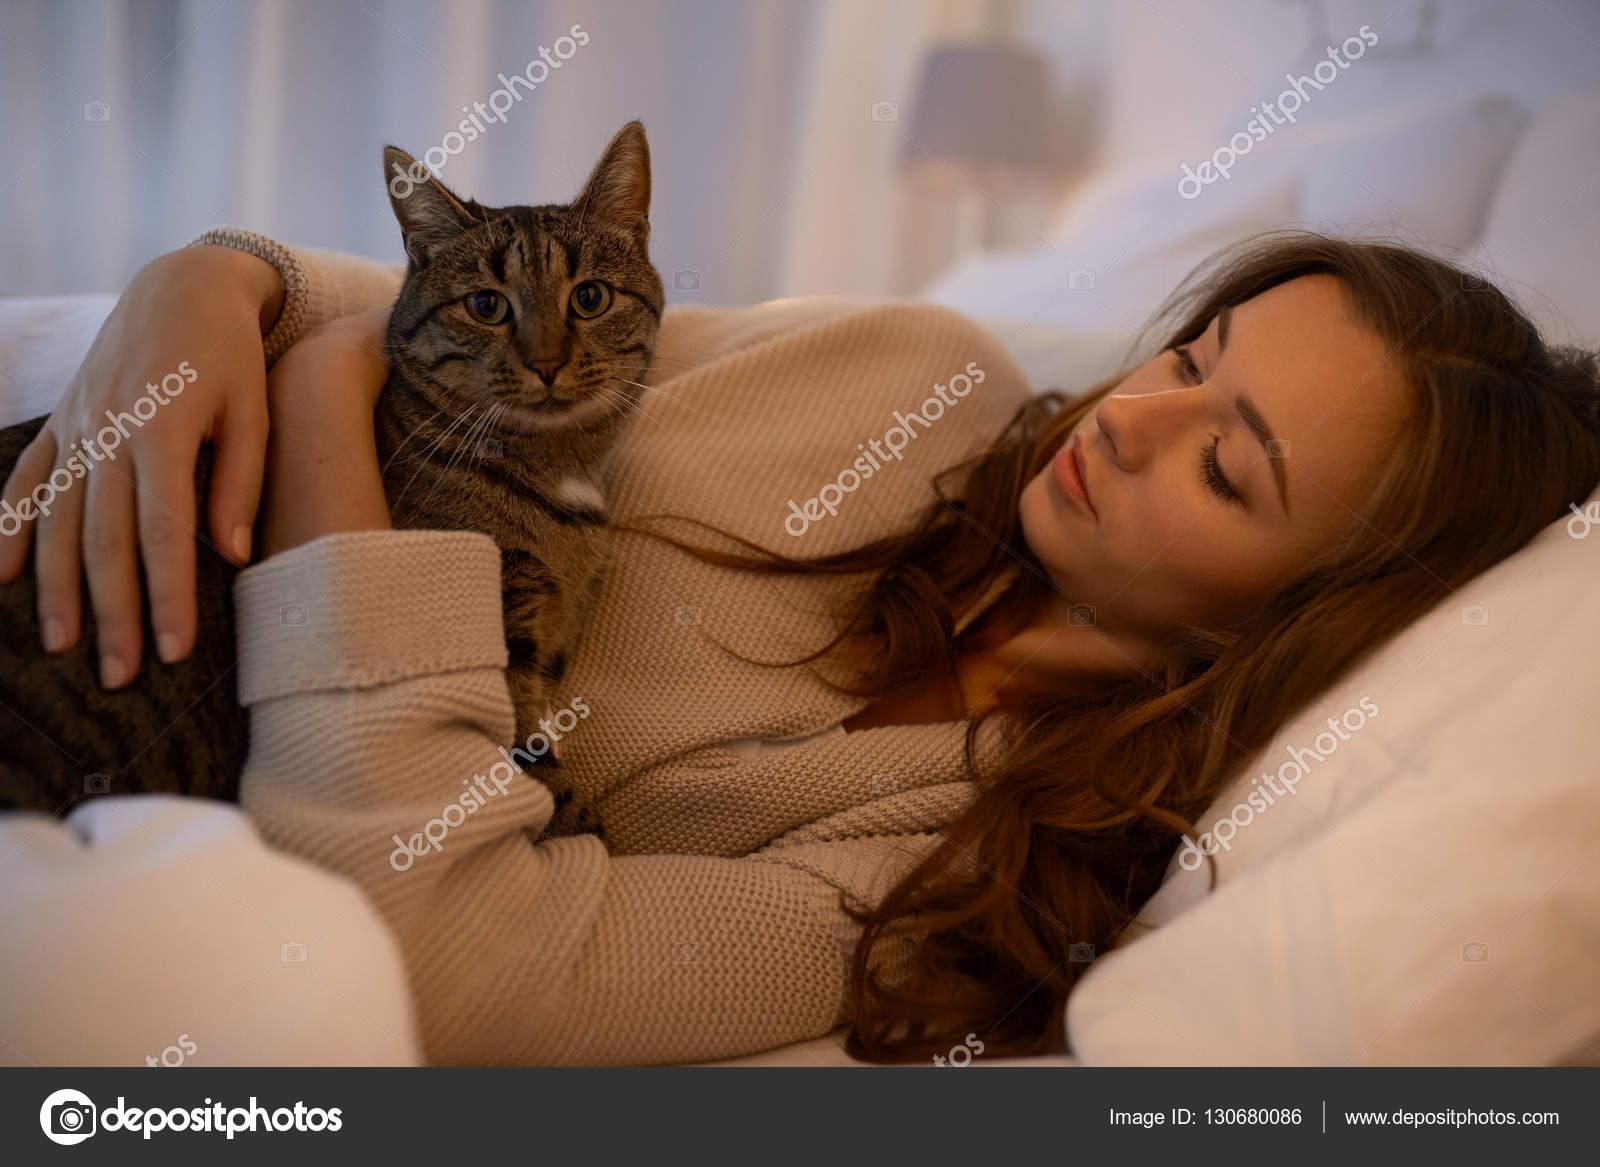 Стар домашние фото девушек на кровати порно самые